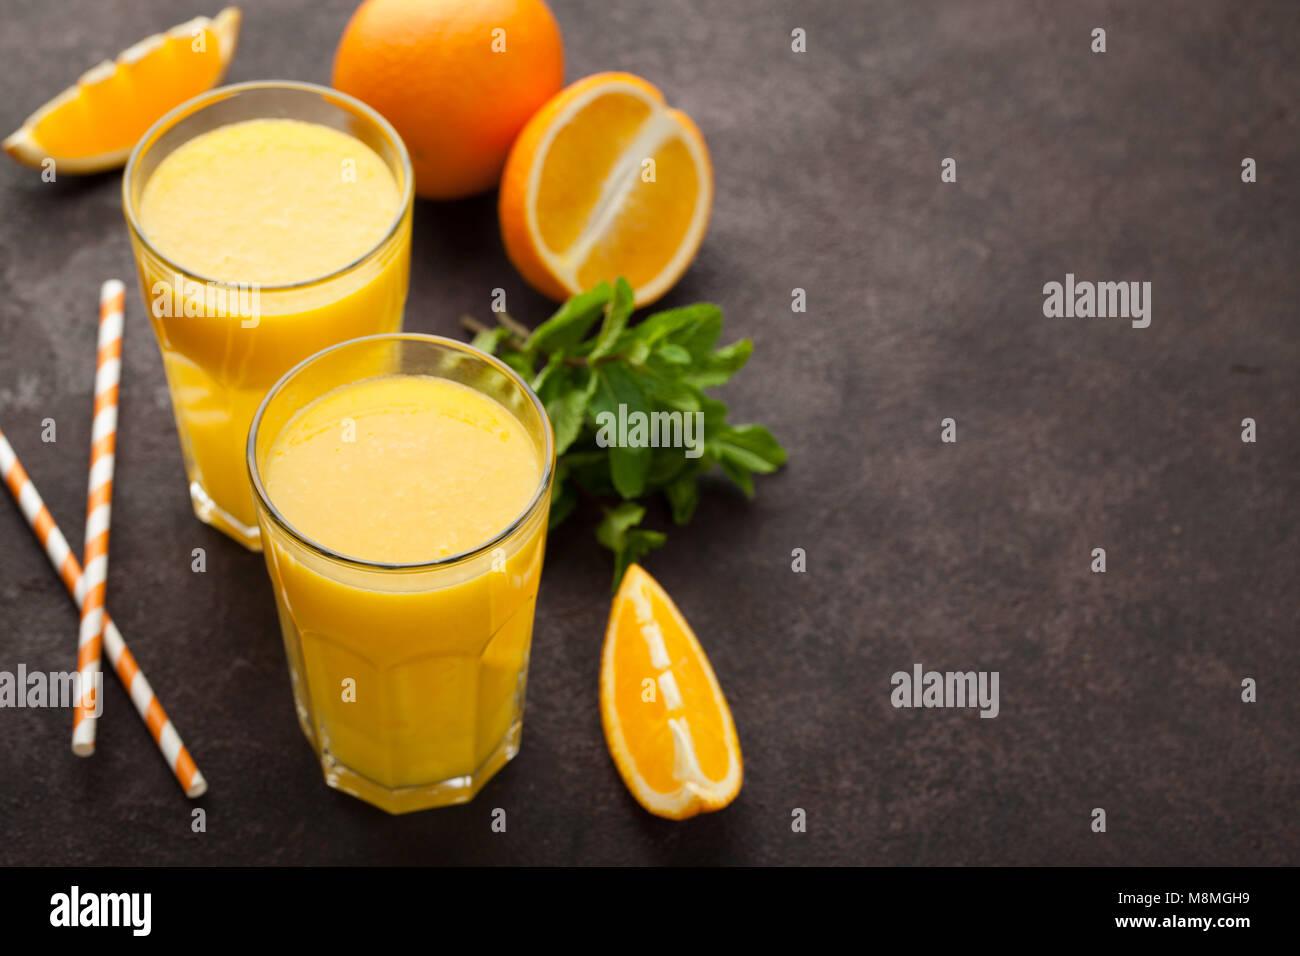 Zwei Gläser frisch gepressten Orangensaft und Minze auf einem dunklen braunen Hintergrund. Ansicht von oben Stockbild